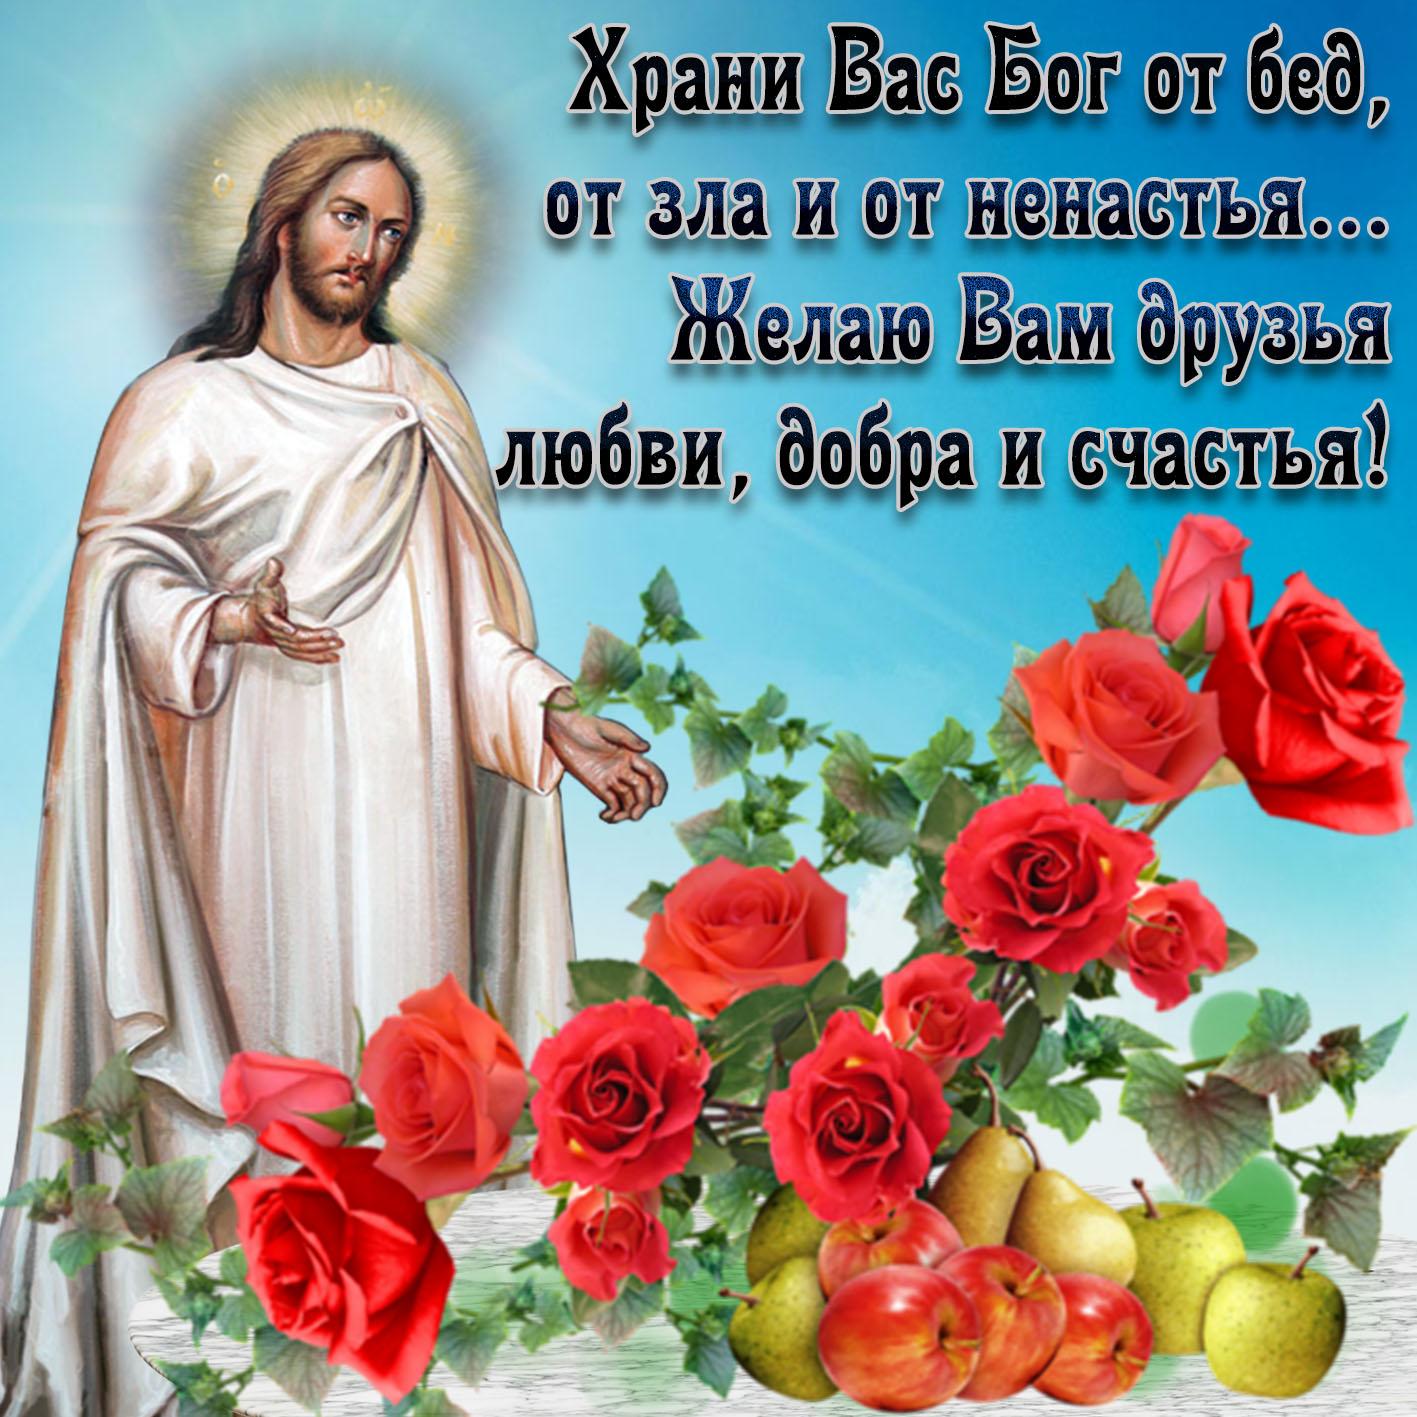 Храни вас бог картинки с надписью и пожеланиями всего хорошего